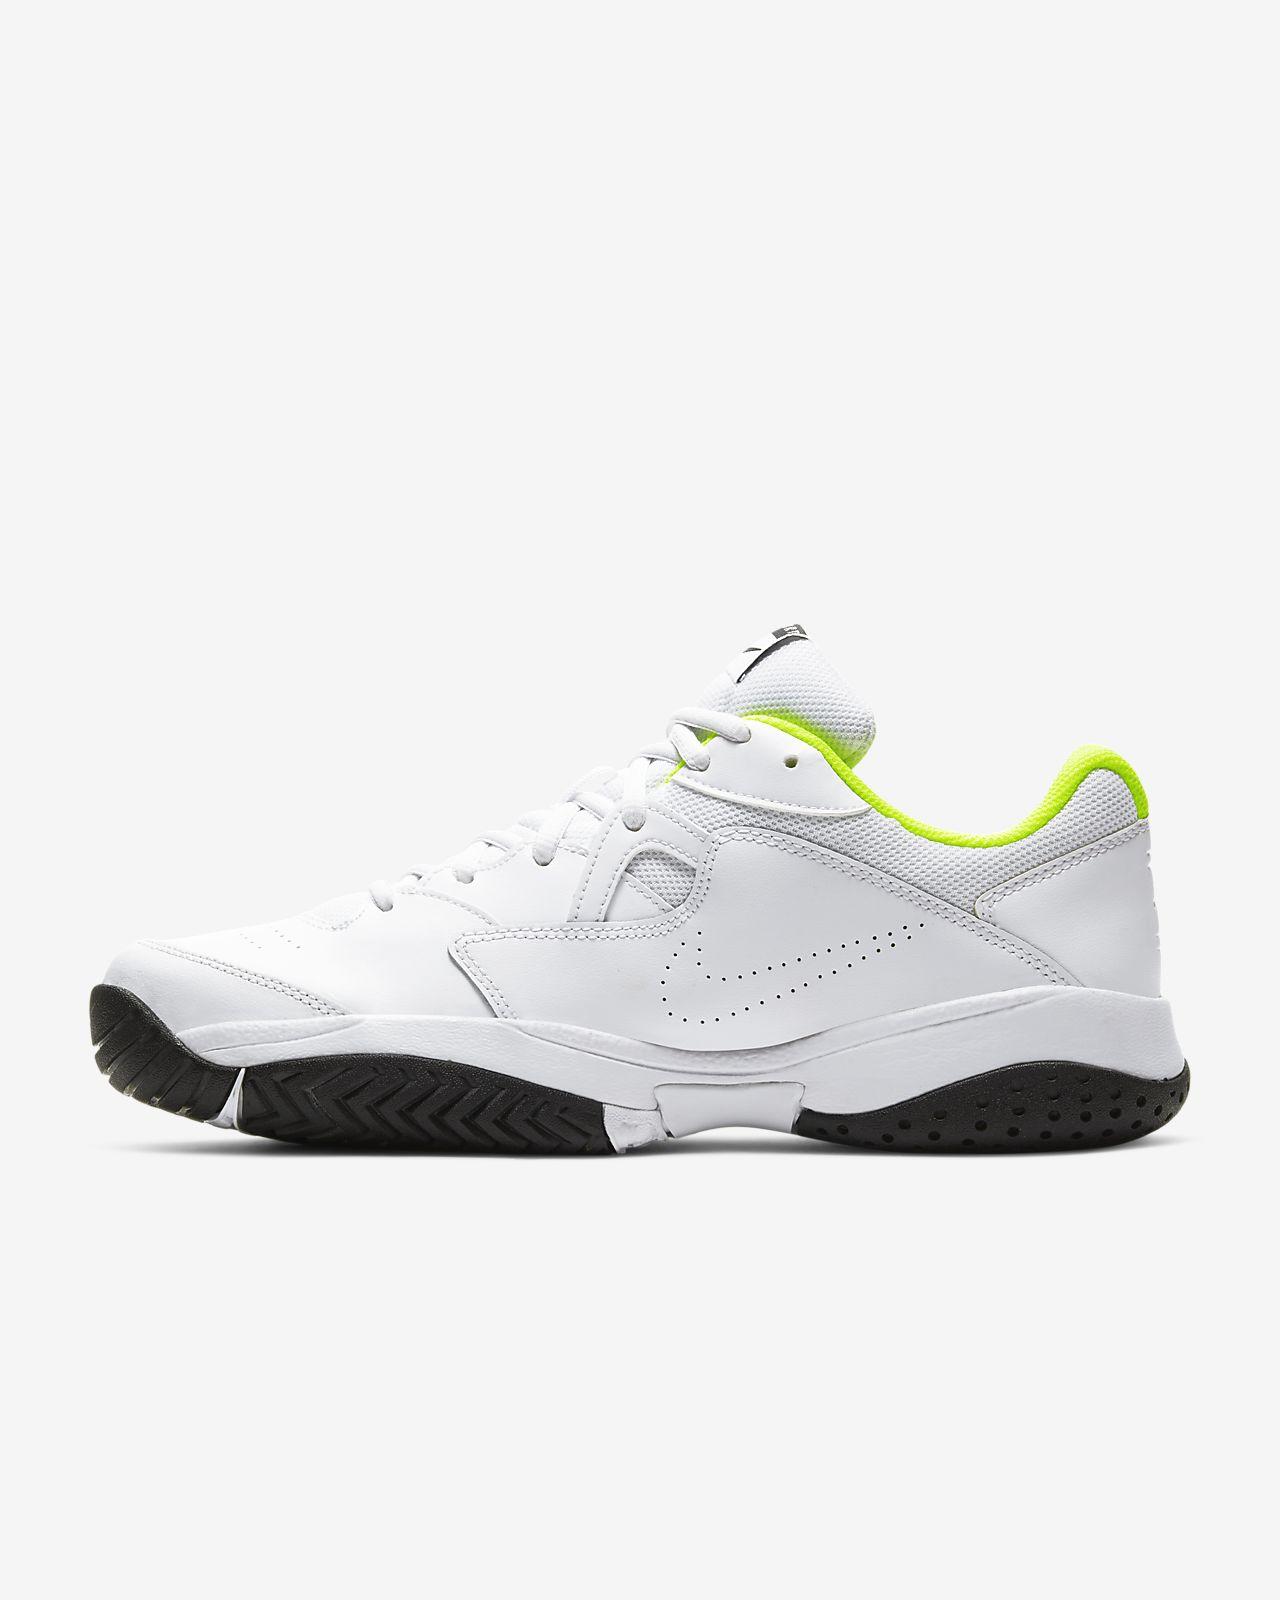 Sapatilhas de ténis para piso duro NikeCourt Lite 2 para homem